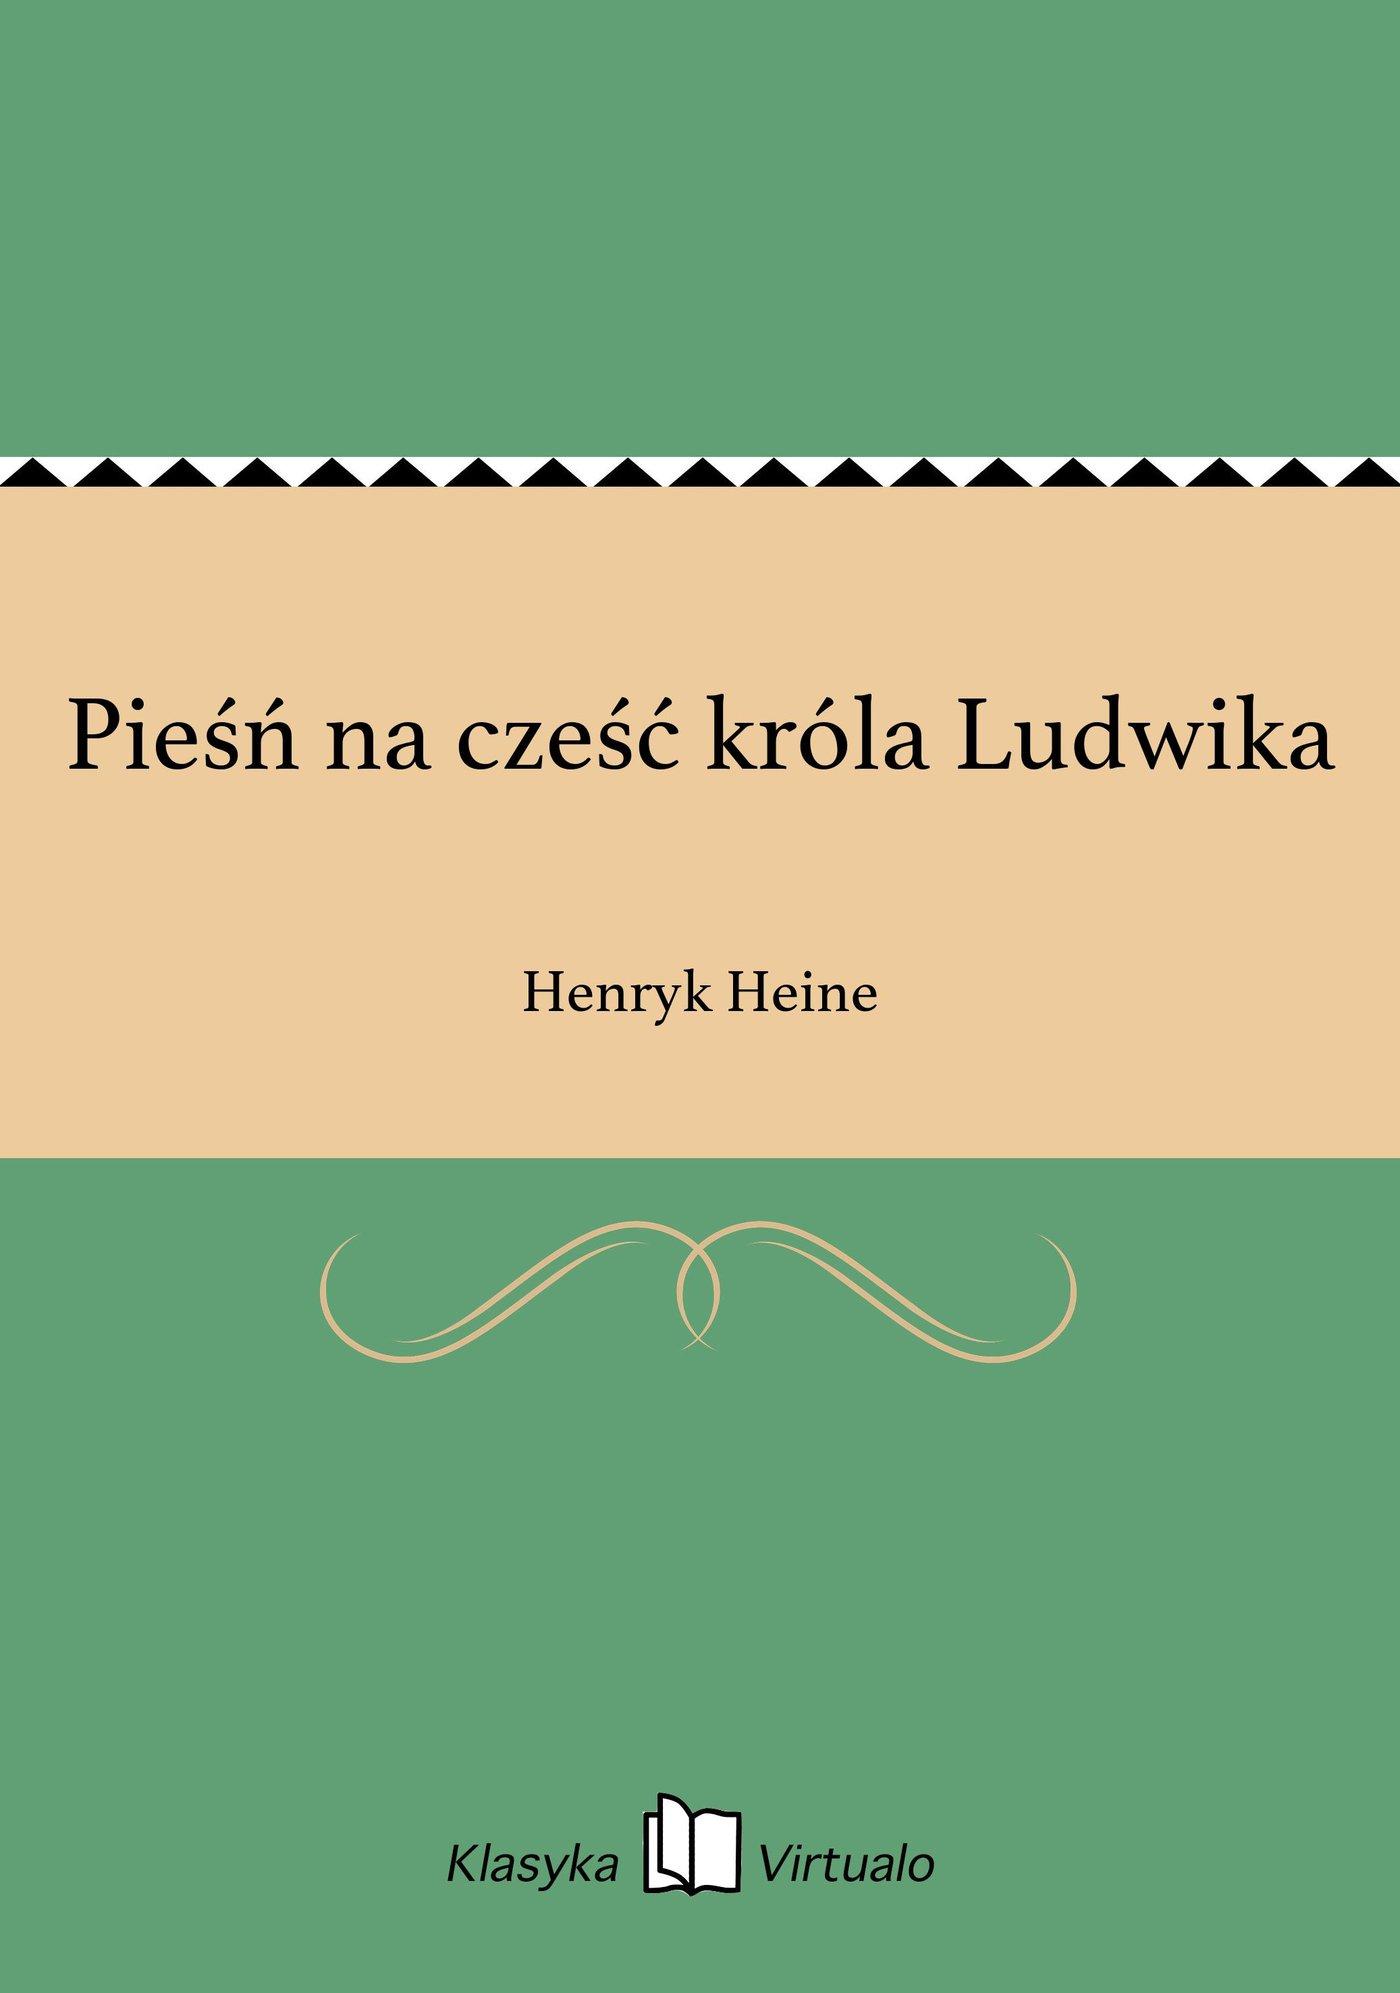 Pieśń na cześć króla Ludwika - Ebook (Książka EPUB) do pobrania w formacie EPUB